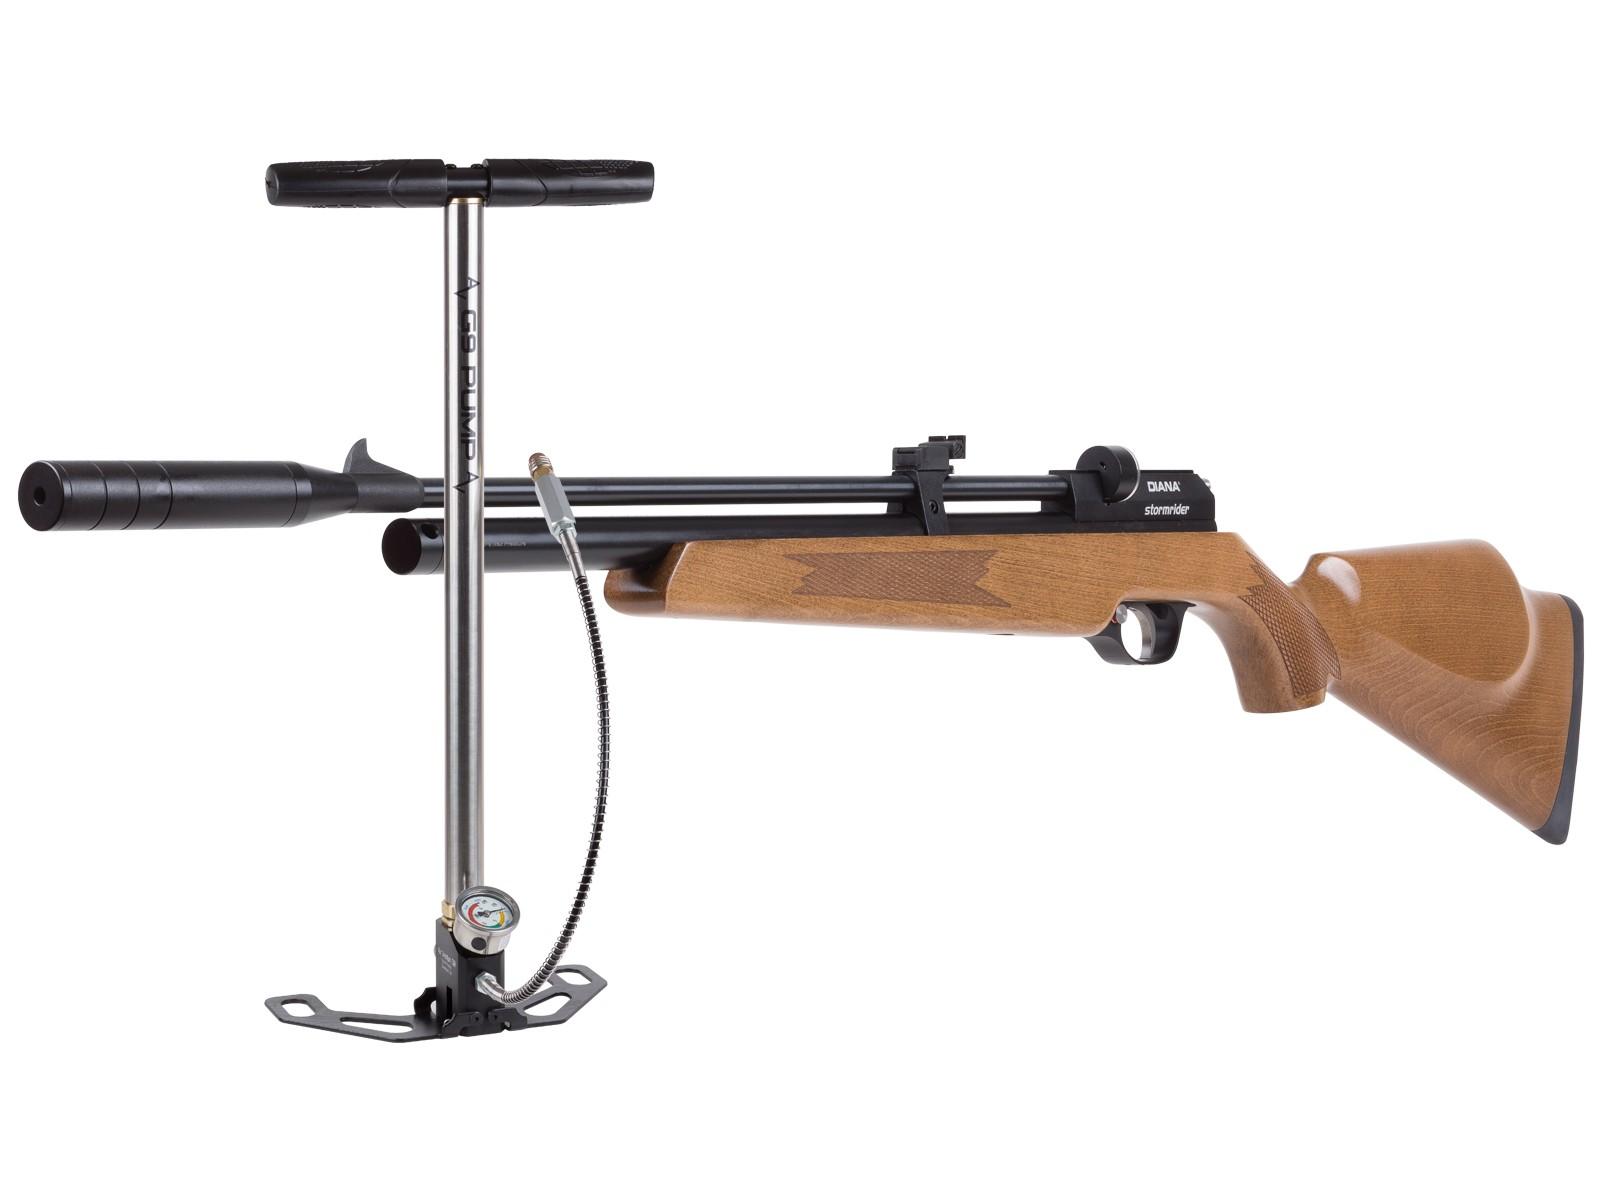 Diana Stormrider Multi-shot PCP Air Rifle and HPA Pump Kit